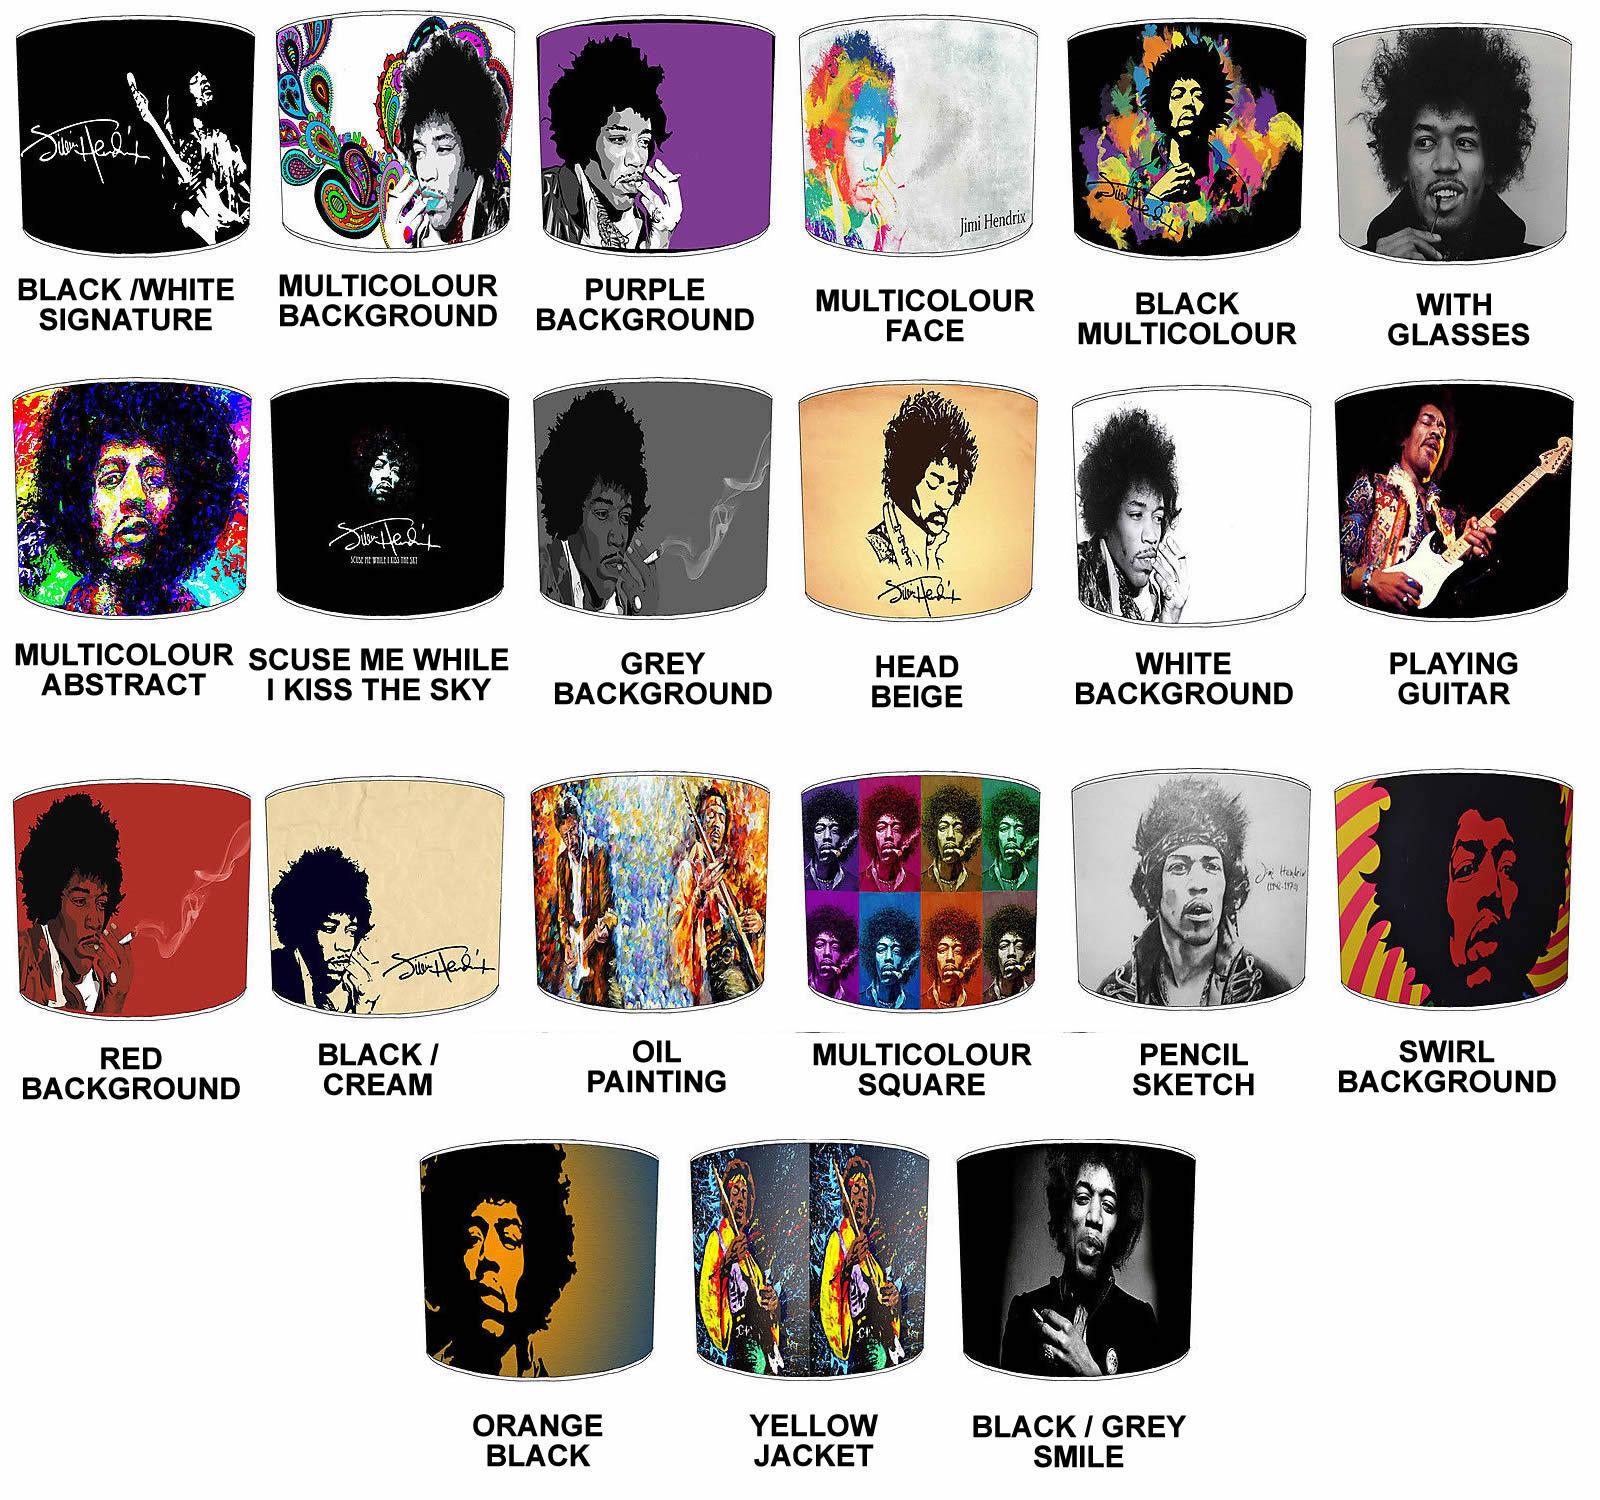 Jimi Hendrix Paralumi Ideale per Jimi Hendrix da Muro, Decalcomania & Adesivi